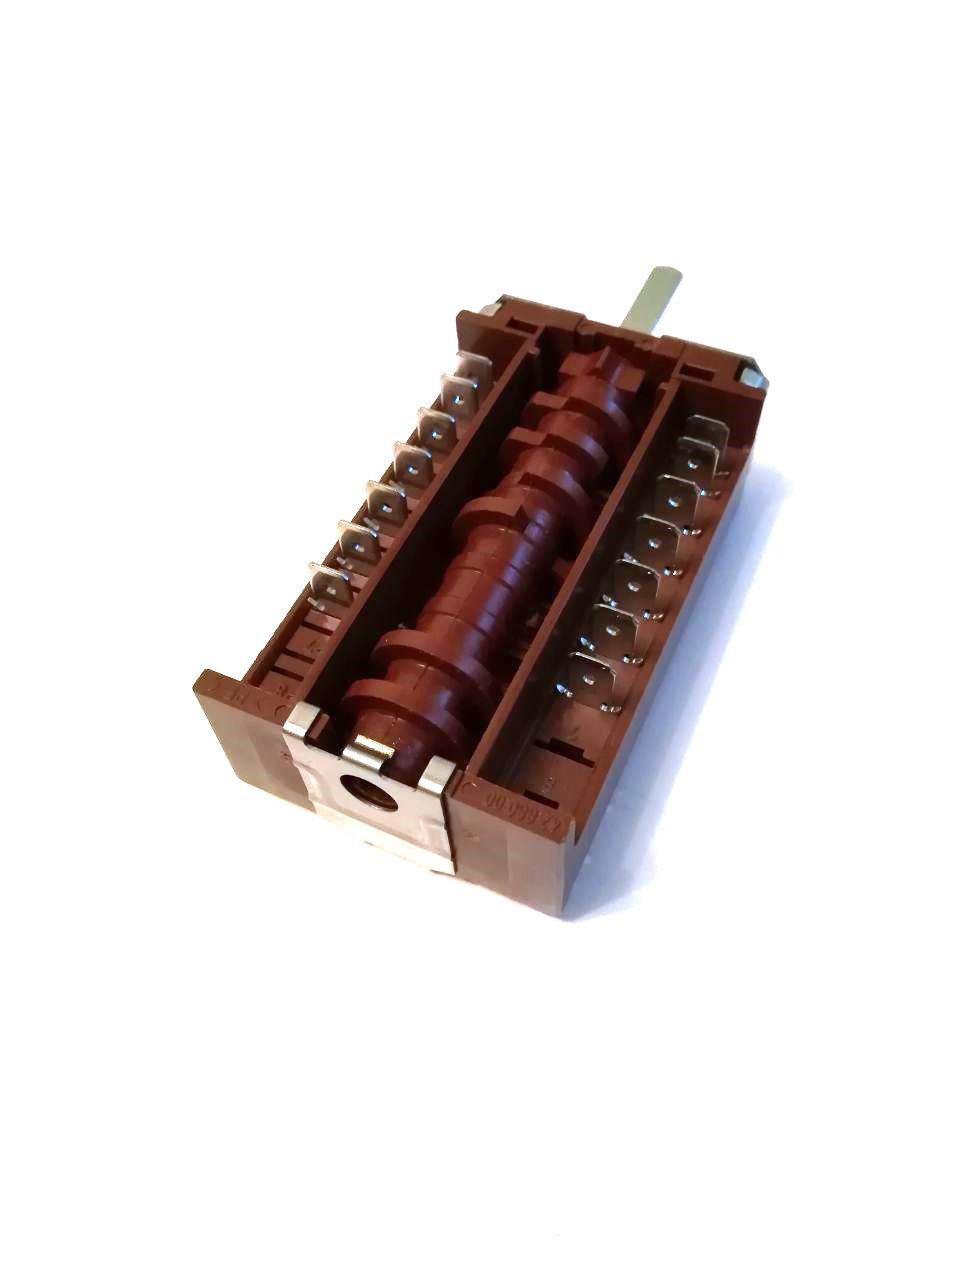 Переключатель 7-ми позиционный ПМ 42.07001.017 для электроплит и духовок / EGO / Германия